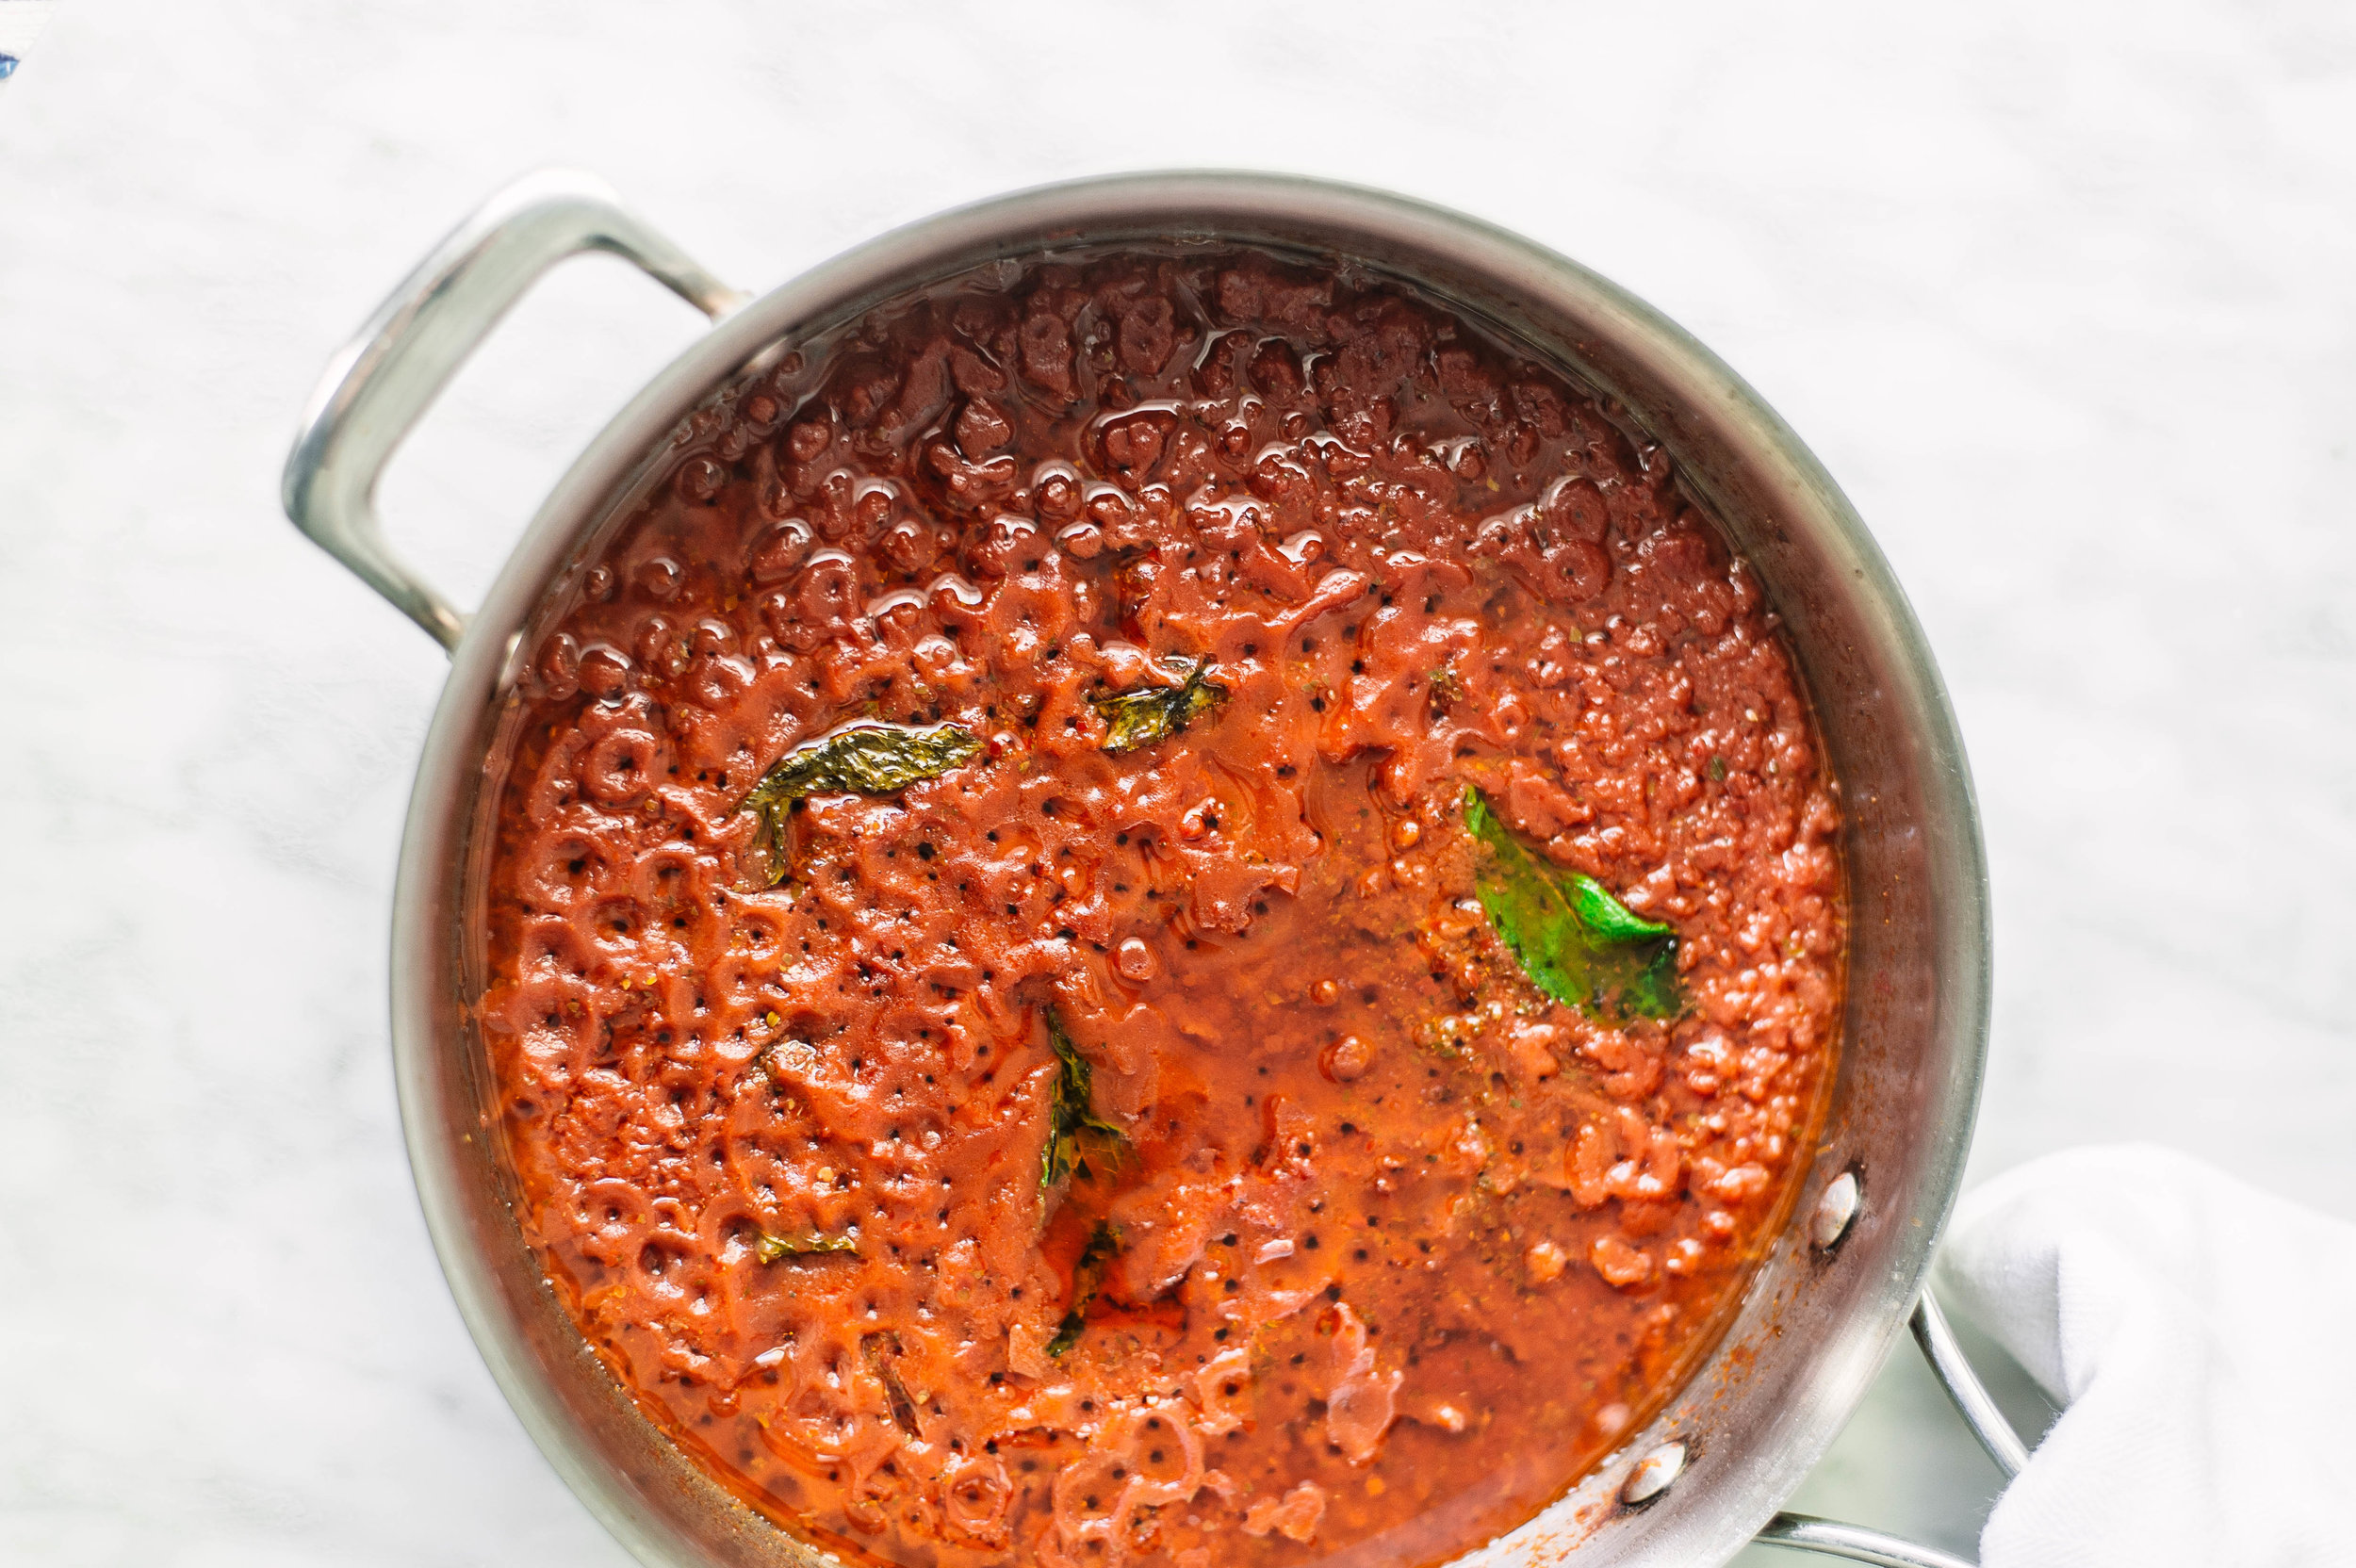 Classic Pasta Al Pomodoro Sauce